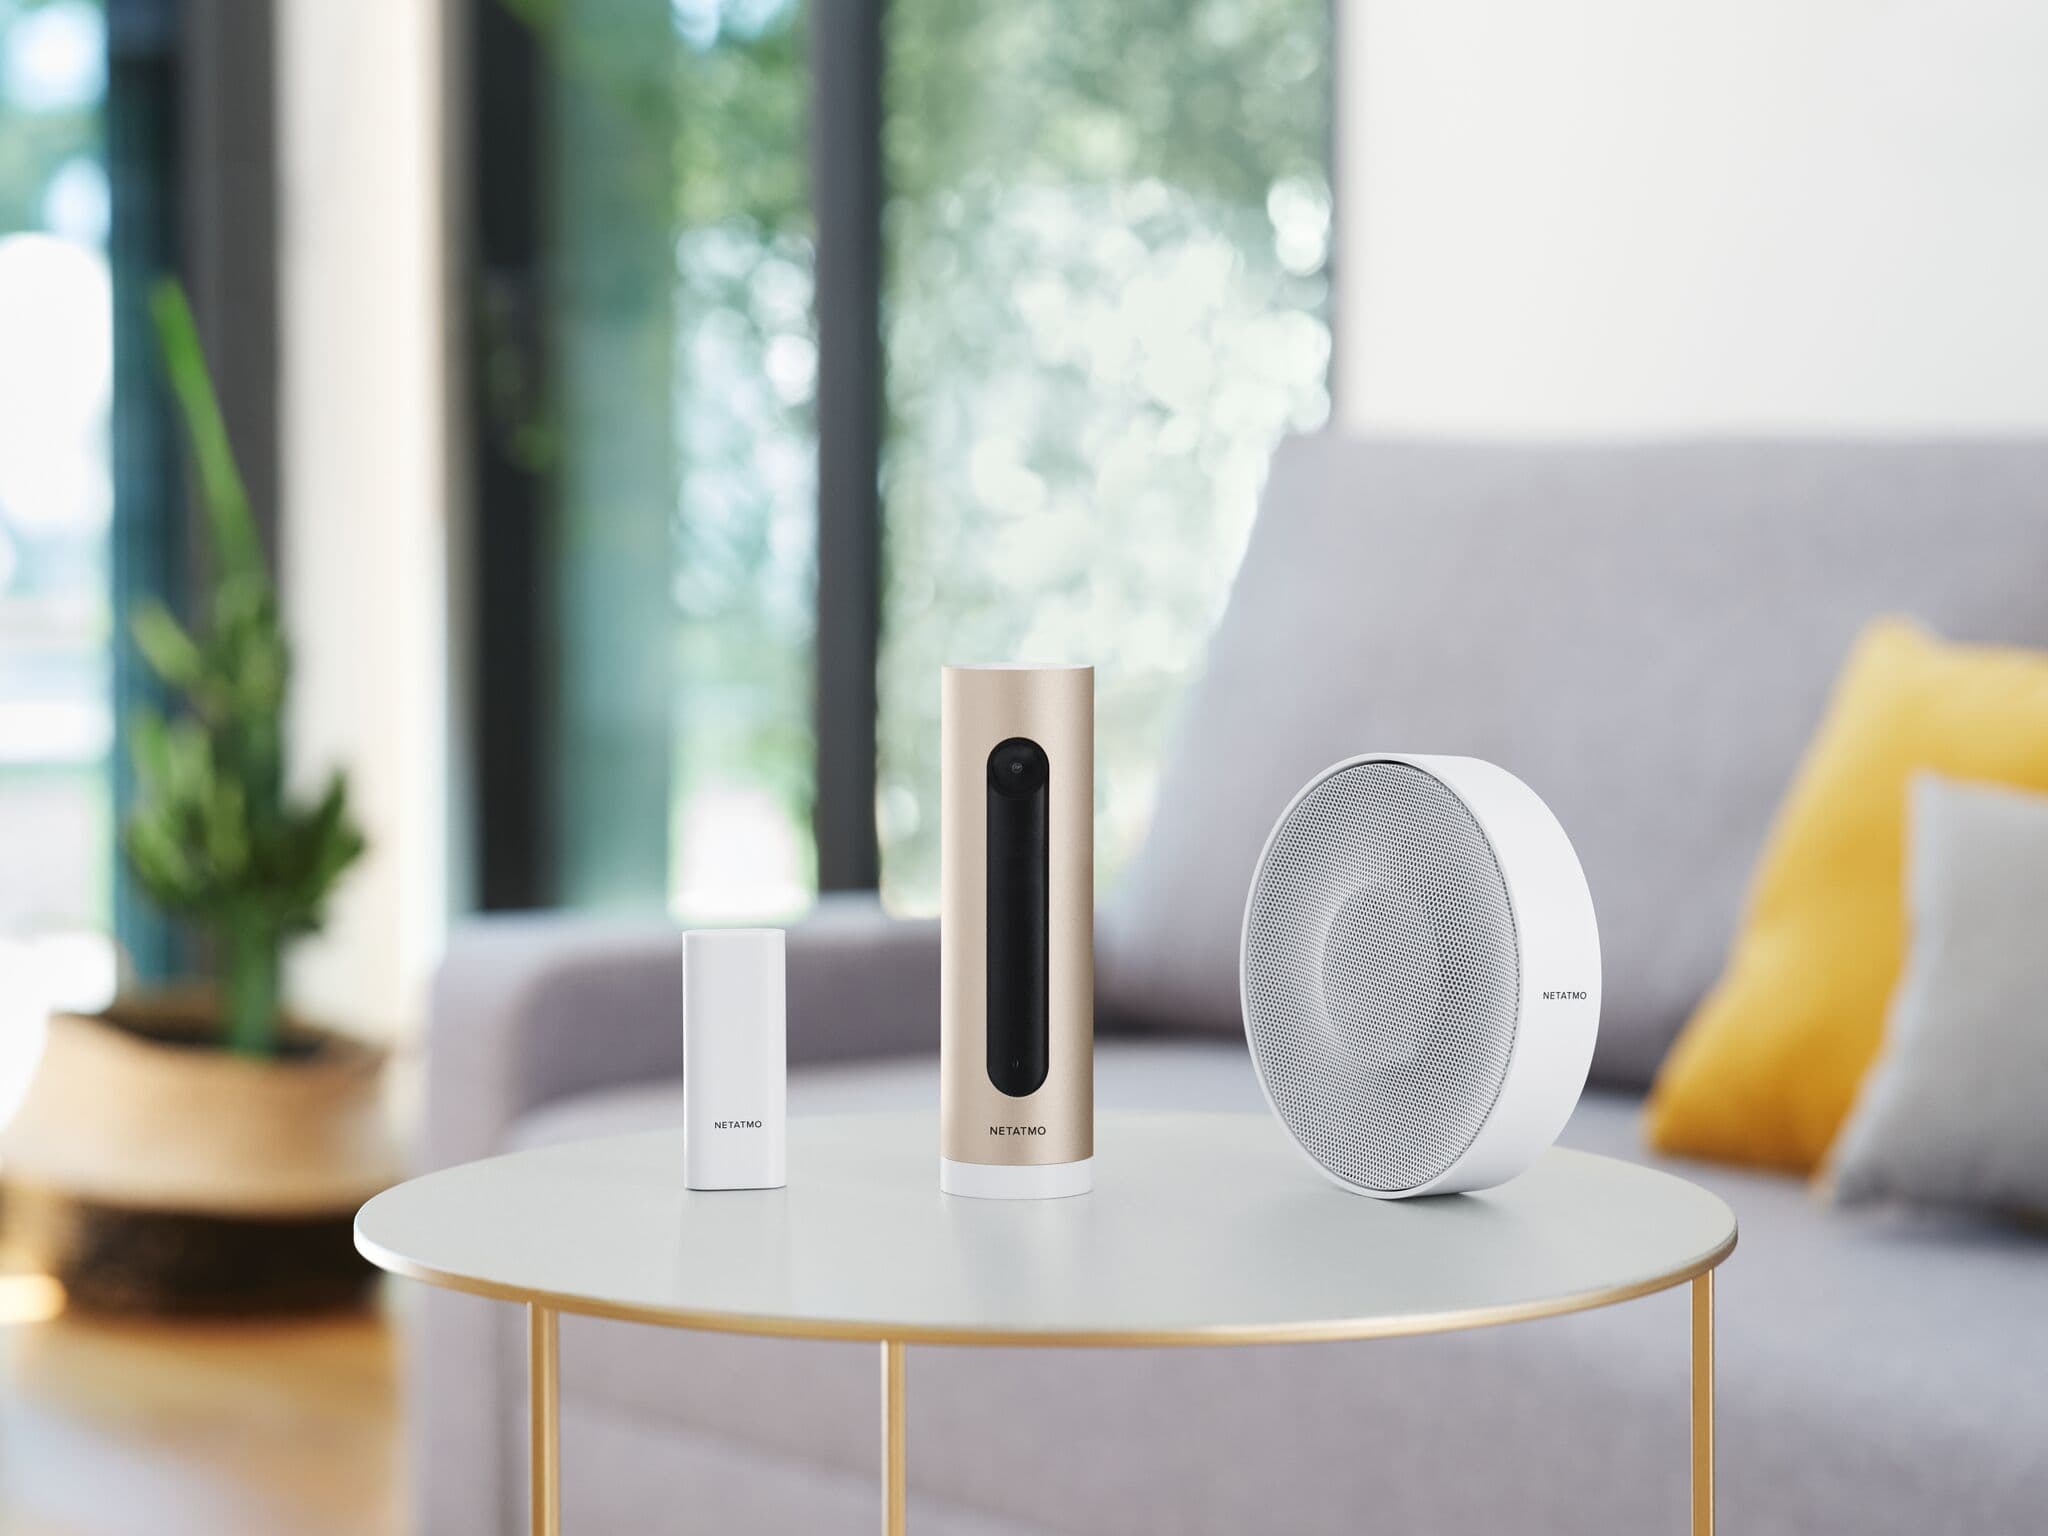 Netatmo protegge la vostra casa: ecco il nuovo sistema di allarme video intelligente presentato ad IFA (foto)